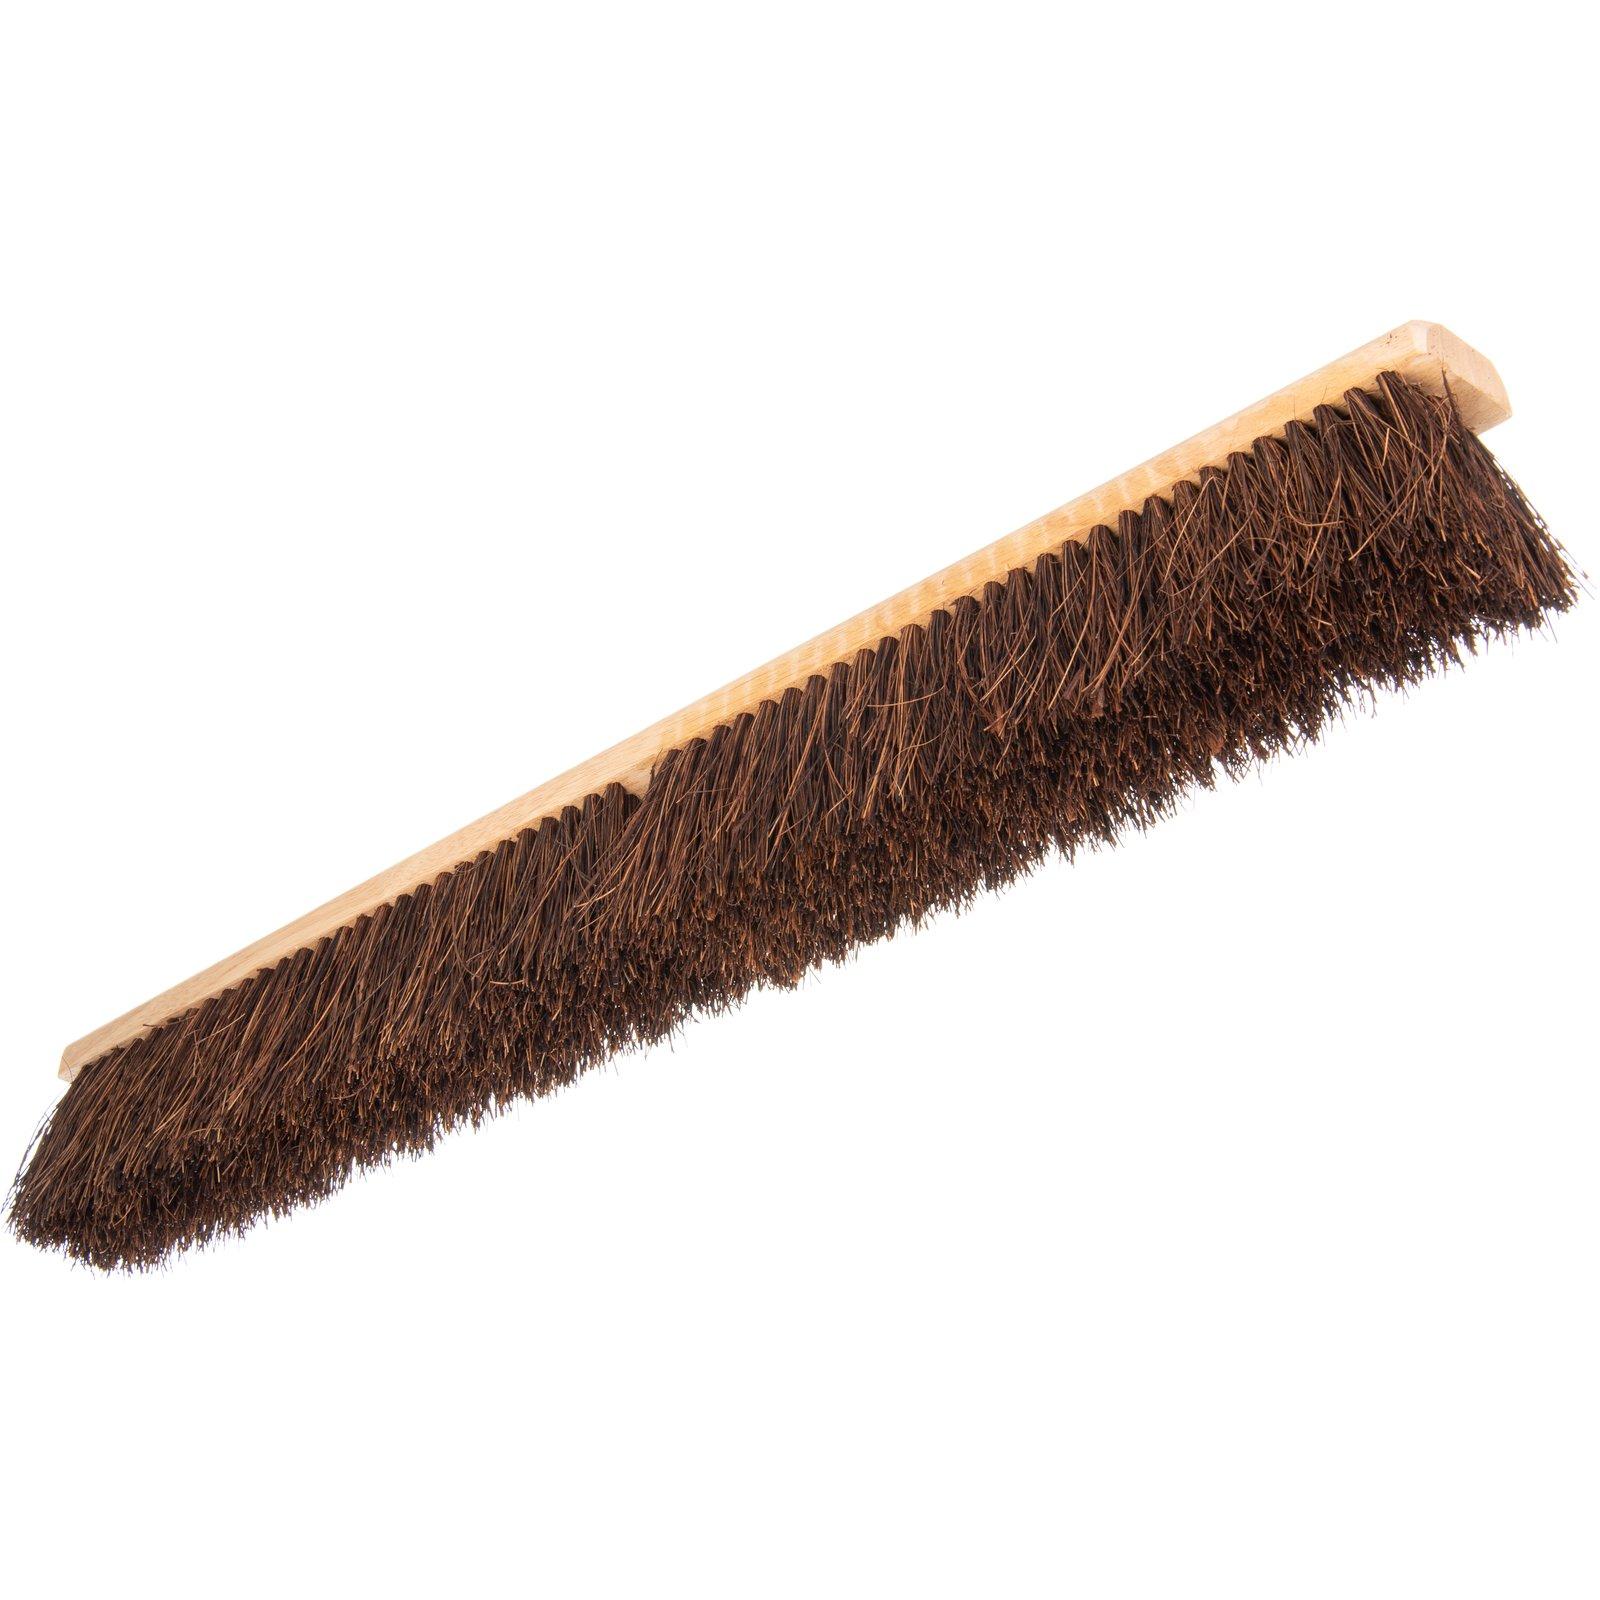 Carlisle 3621913600 Hardwood Block Garage Sweep 36 Block Size 4 Bristle Trim 36 Block Size 4 Bristle Trim Carlisle Corporation